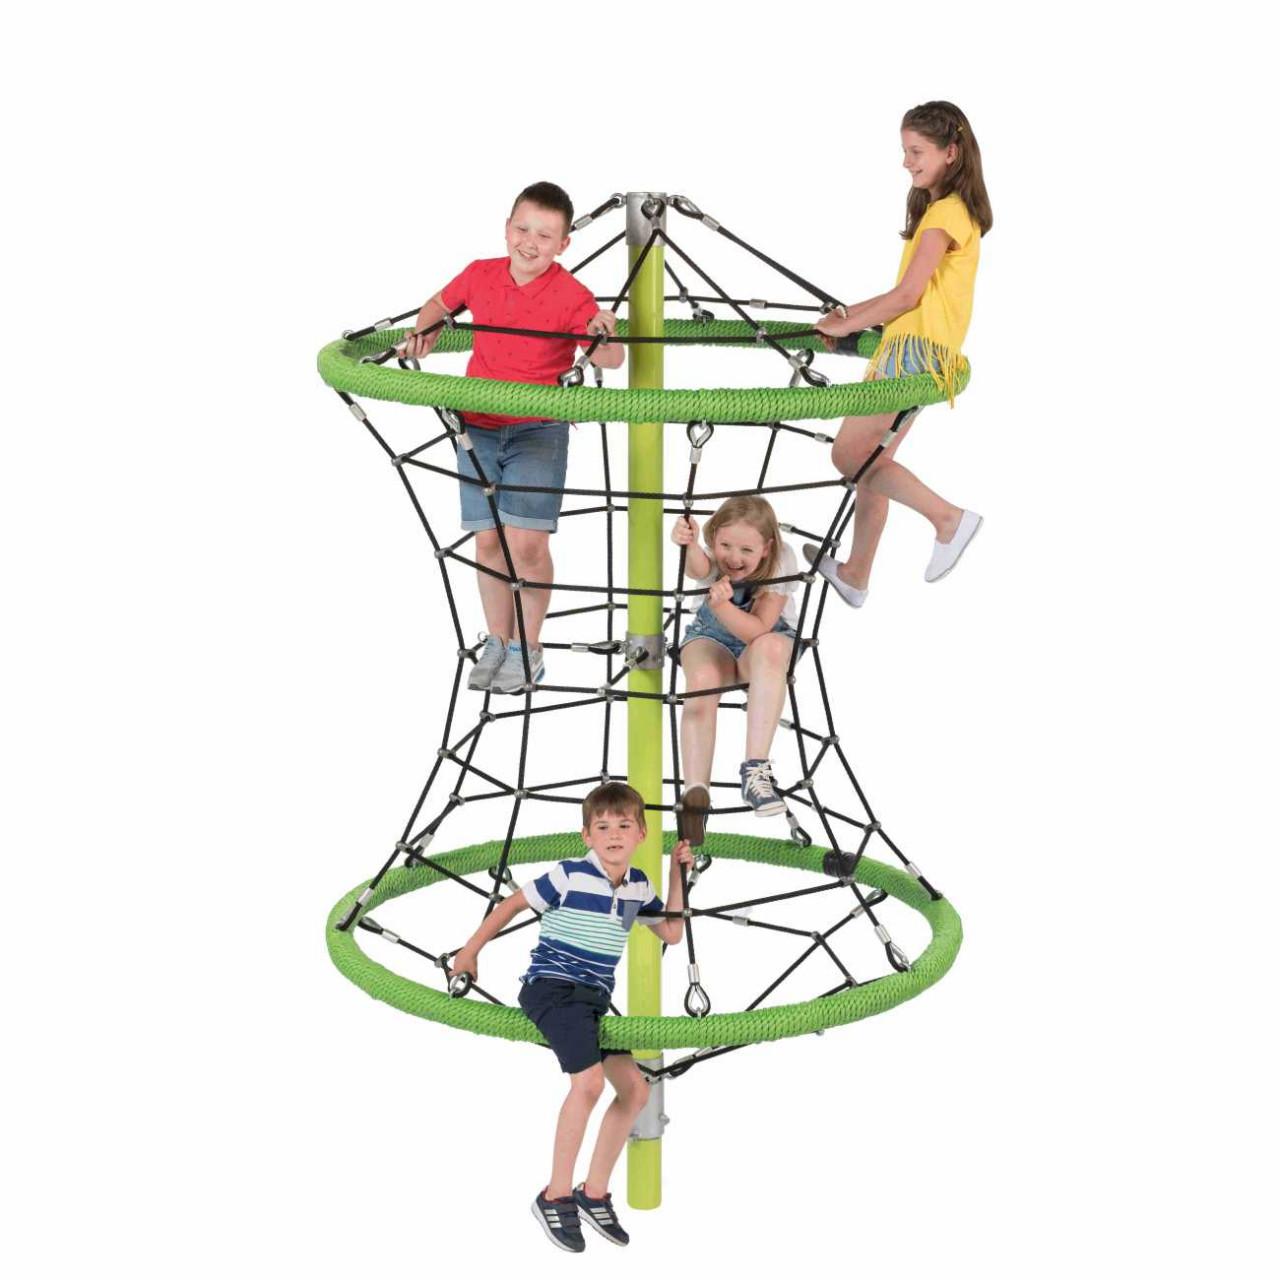 Klettergerüst Kletterpyramide, Kletternetz, Perry, Kinder Spielplatz